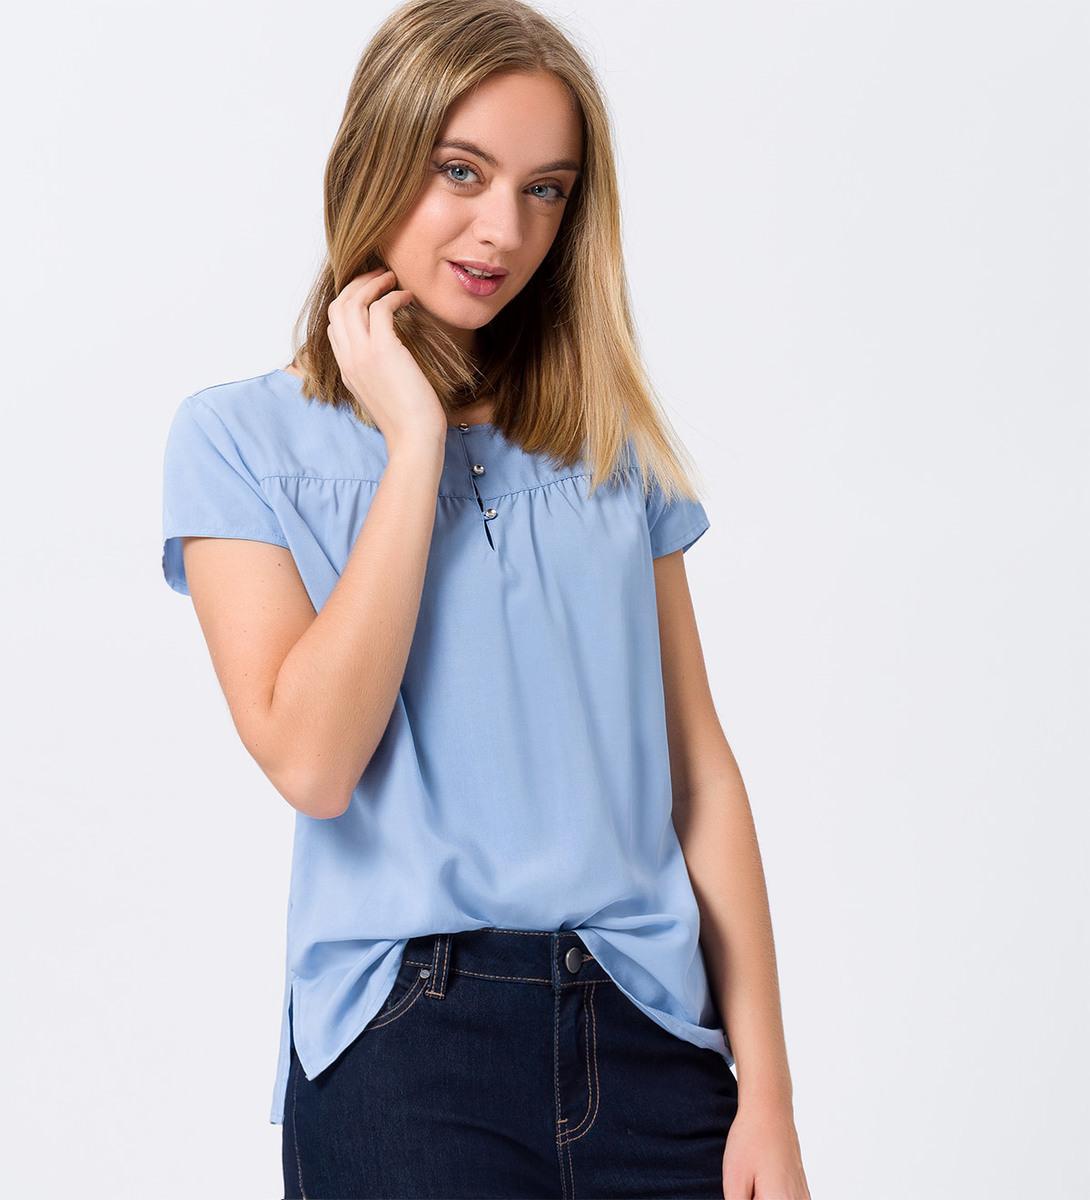 Bluse mit kleiner Knopfleiste in azur blue